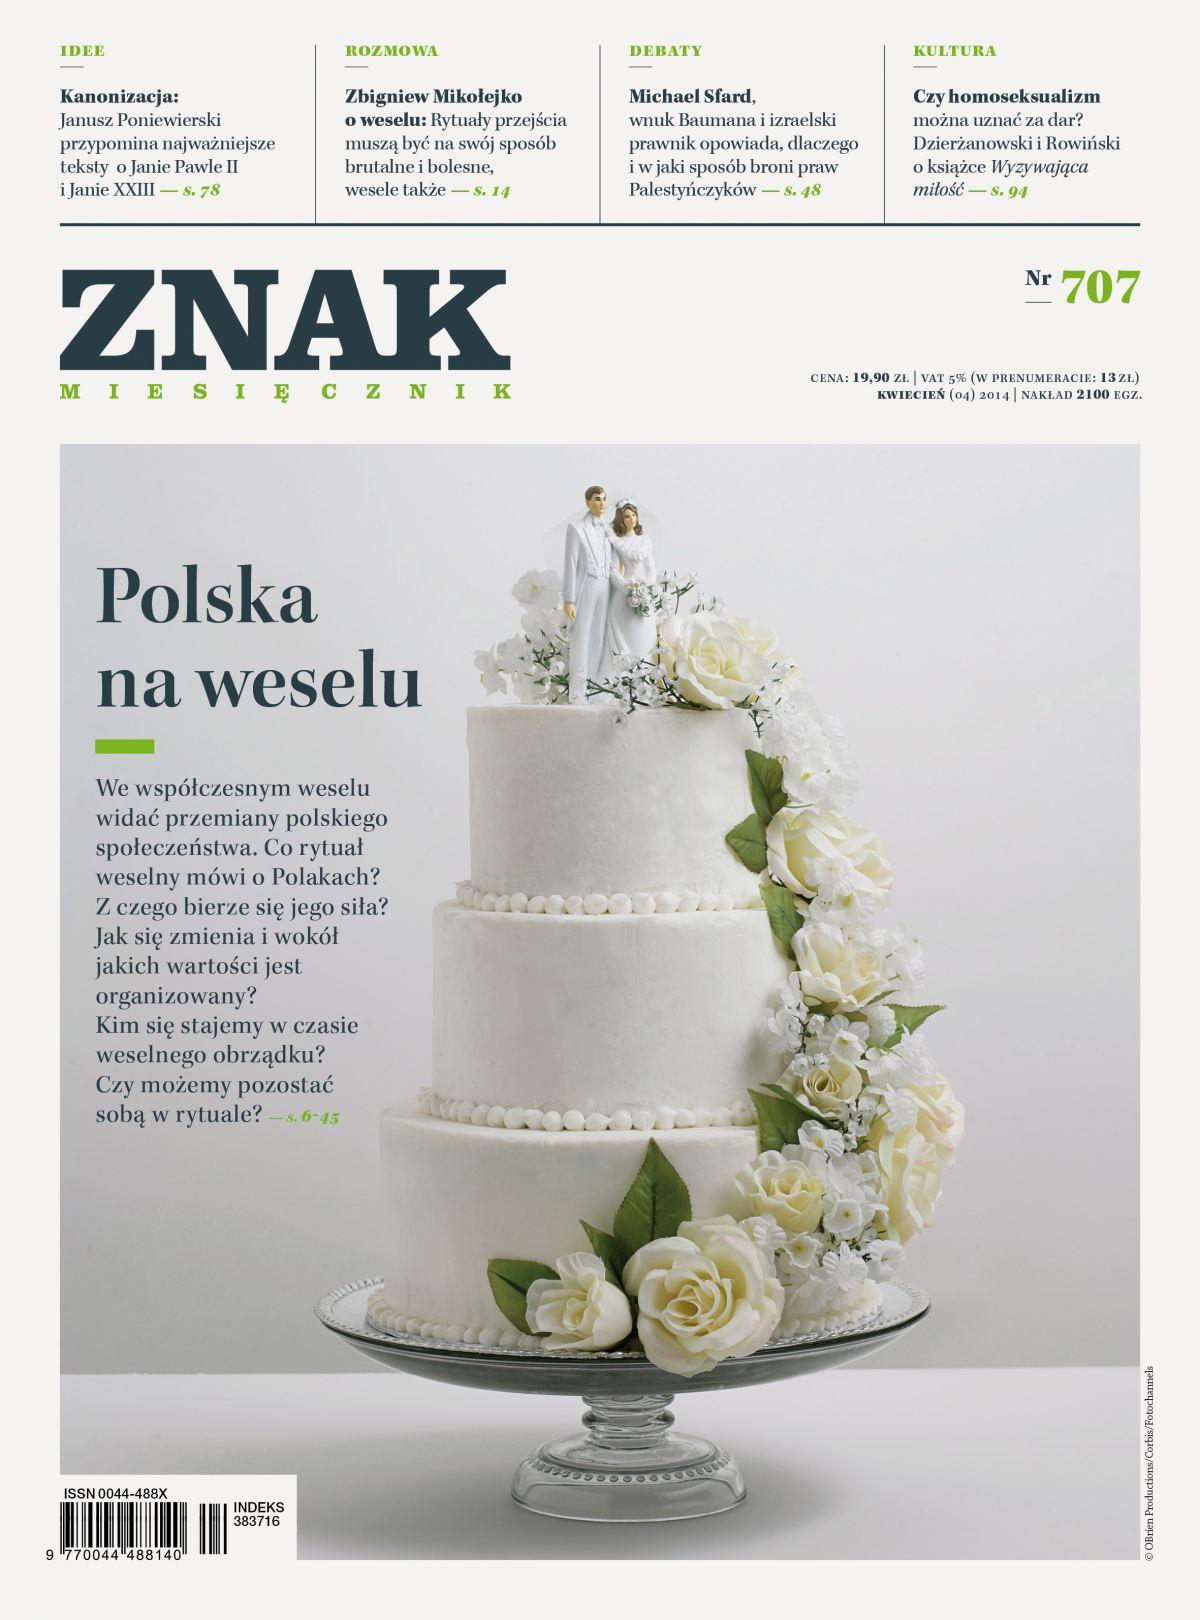 Miesięcznik Znak. Kwiecień 2014 - Ebook (Książka PDF) do pobrania w formacie PDF